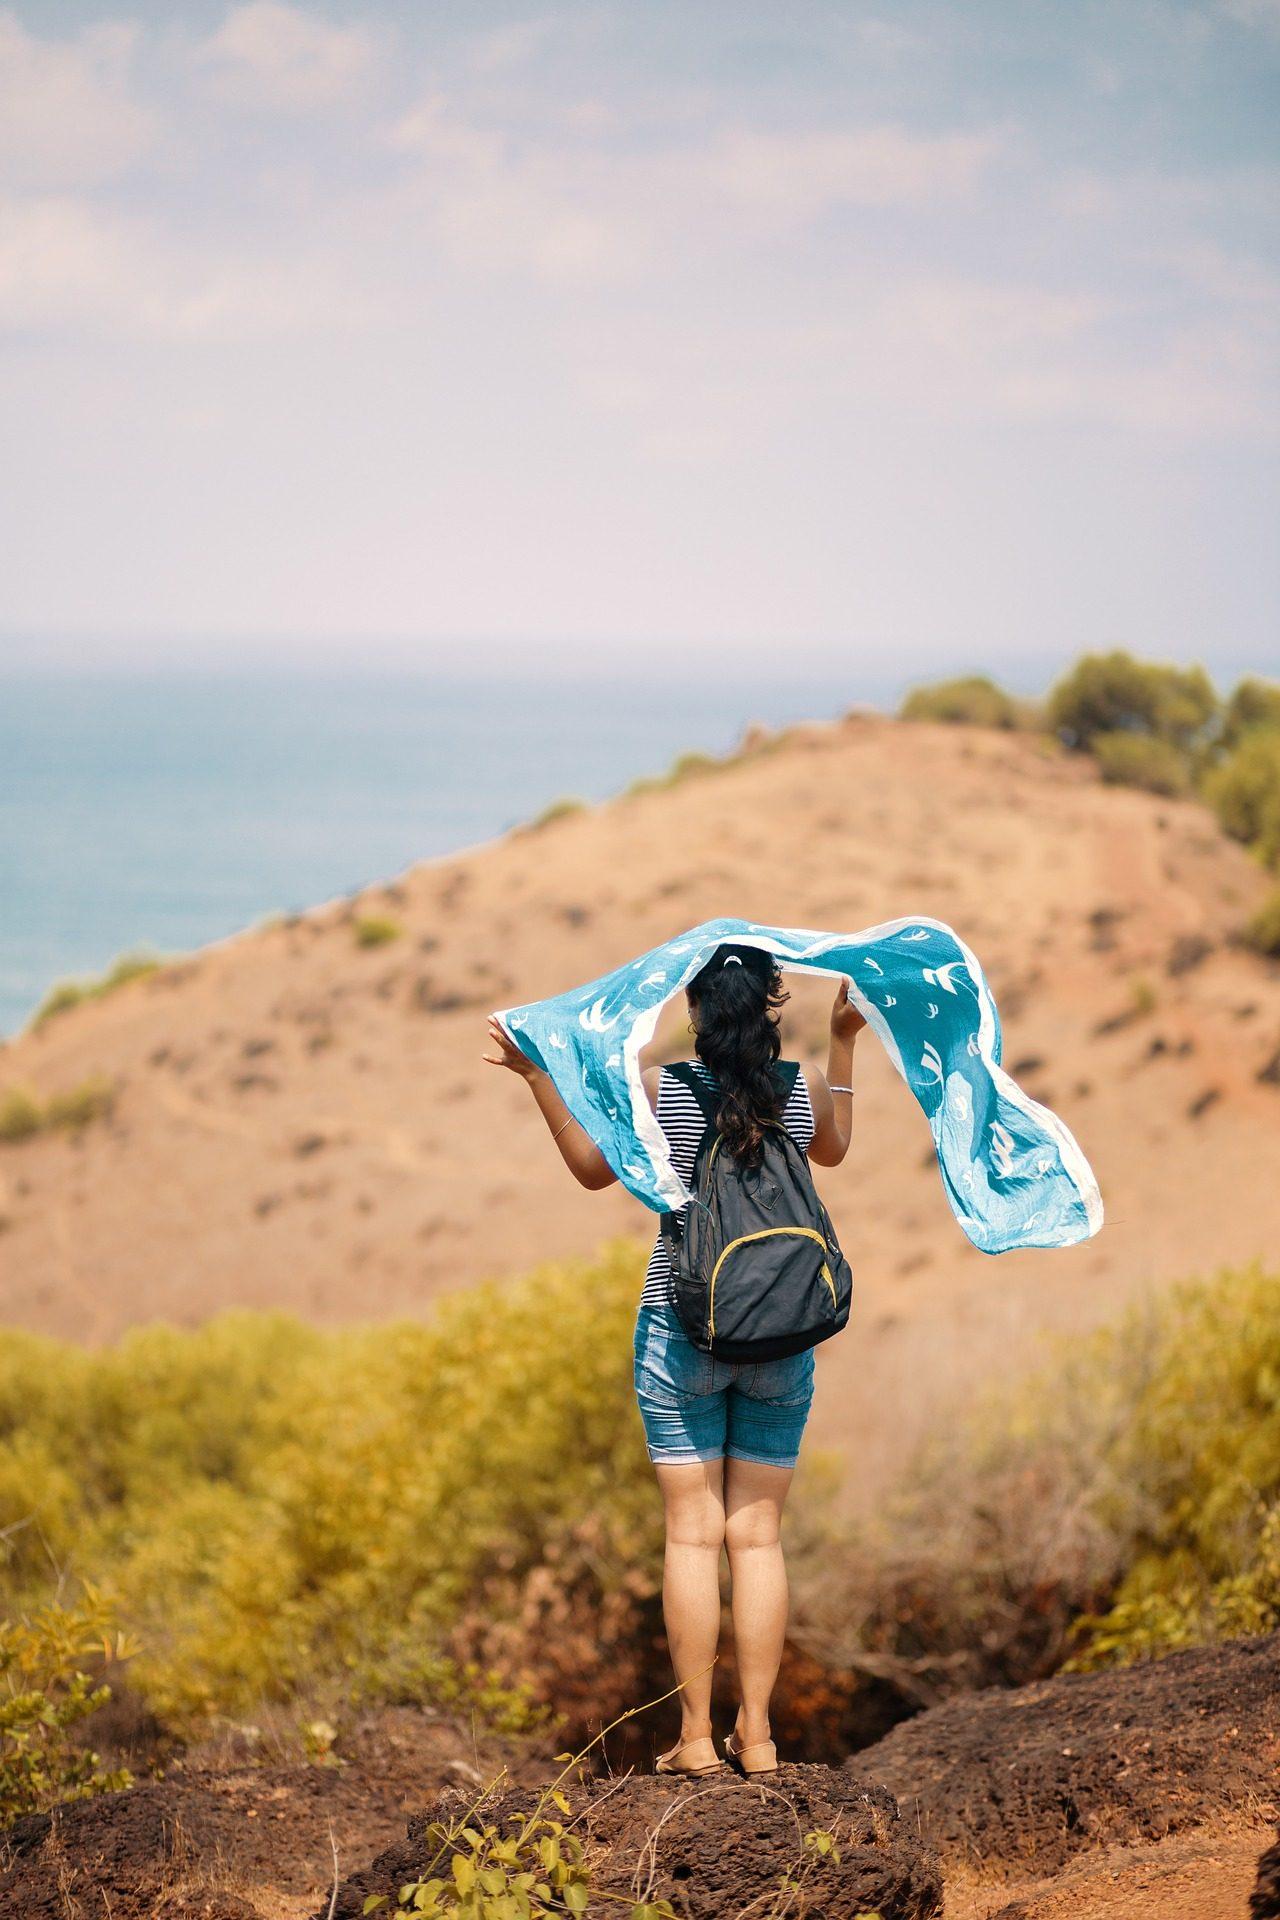 امرأة, حقيبة, الهواء, وشاح, البحر - خلفيات عالية الدقة - أستاذ falken.com